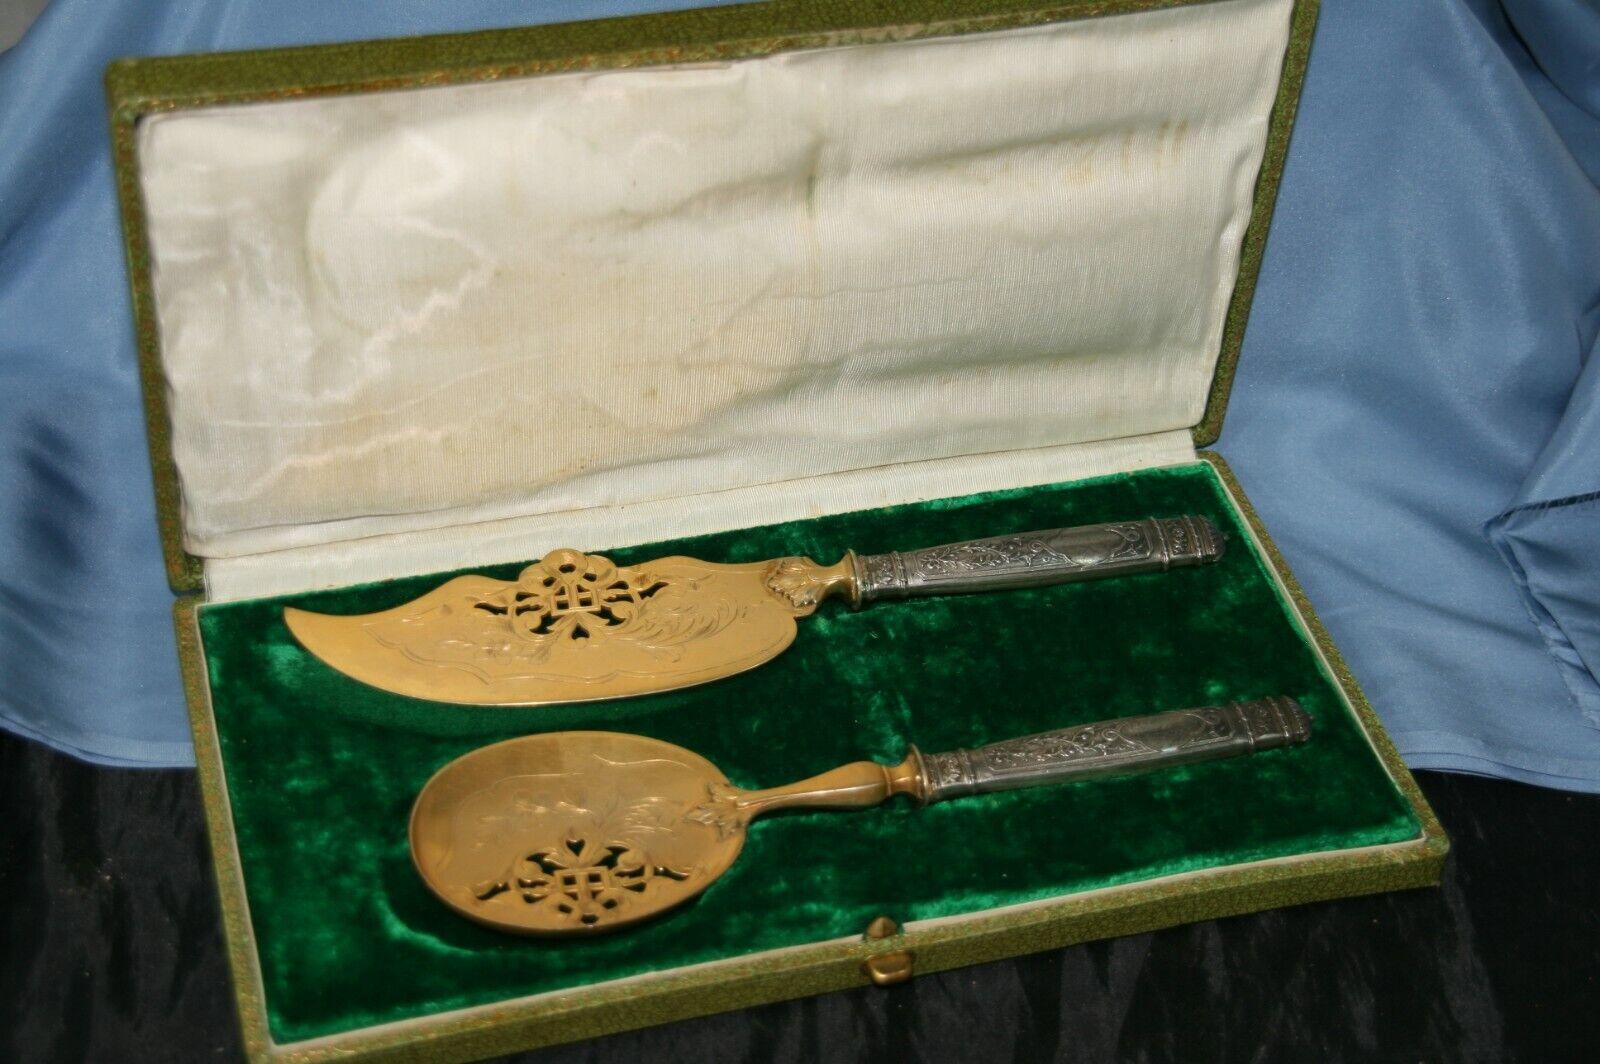 Couverts de service couteau et pelle à dessert en métal argenté 1900 art nouveau